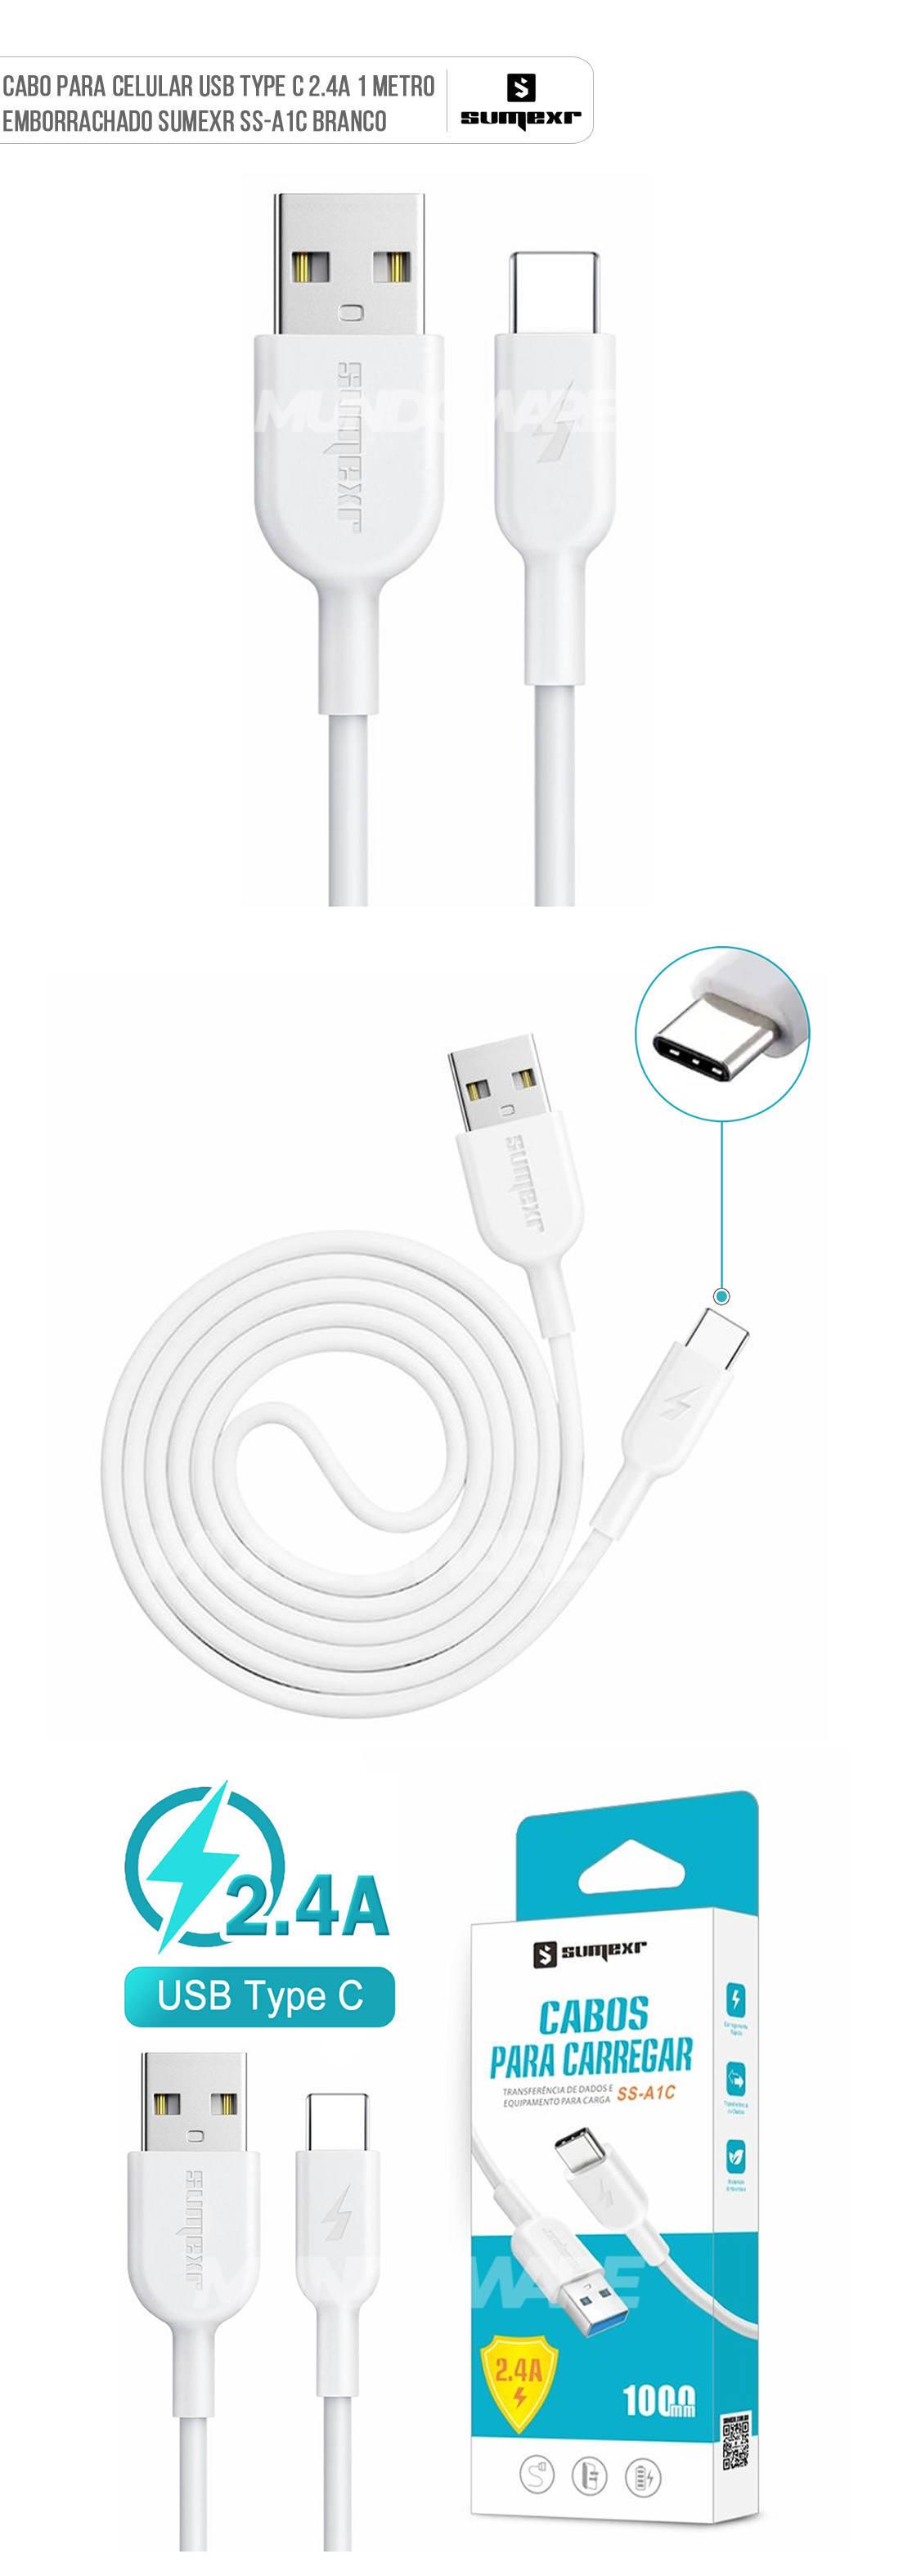 Cabo para Celular USB Type-C 2.4A 1 Metro Emborrachado e Resistente Sumexr SS-A1C Branco